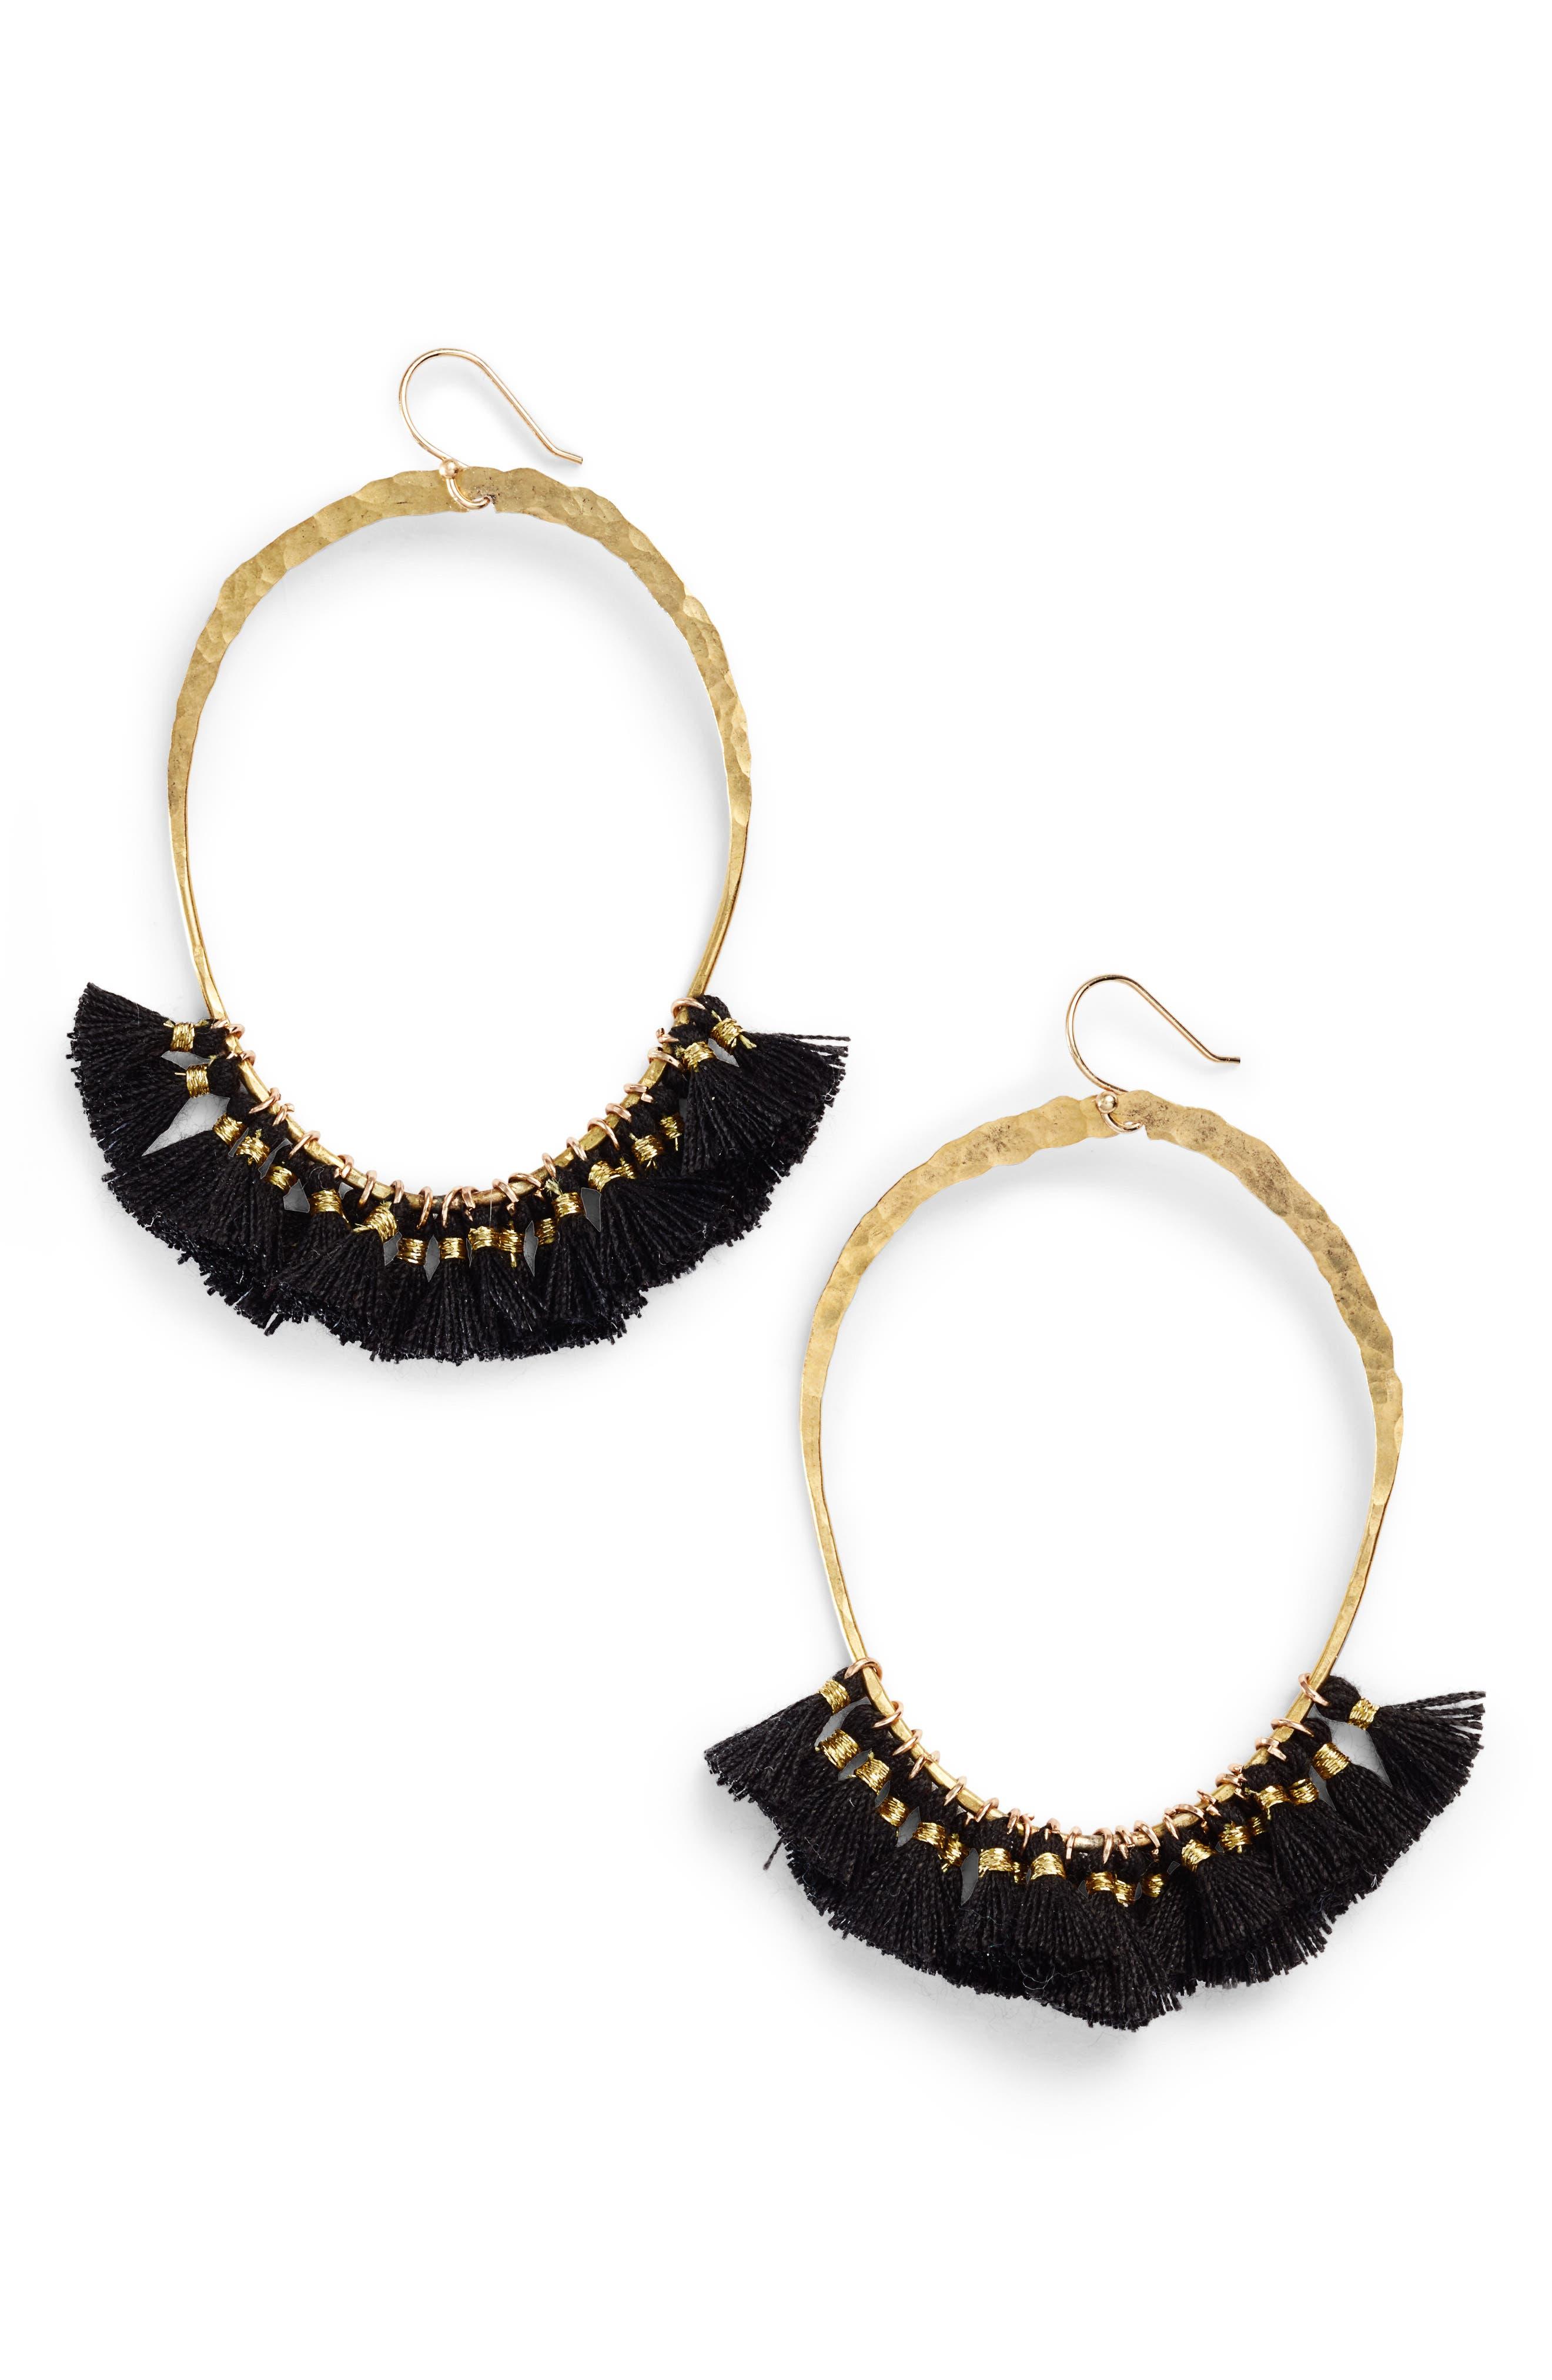 Tassel Hoop Earrings,                         Main,                         color, GOLD/ BLACK